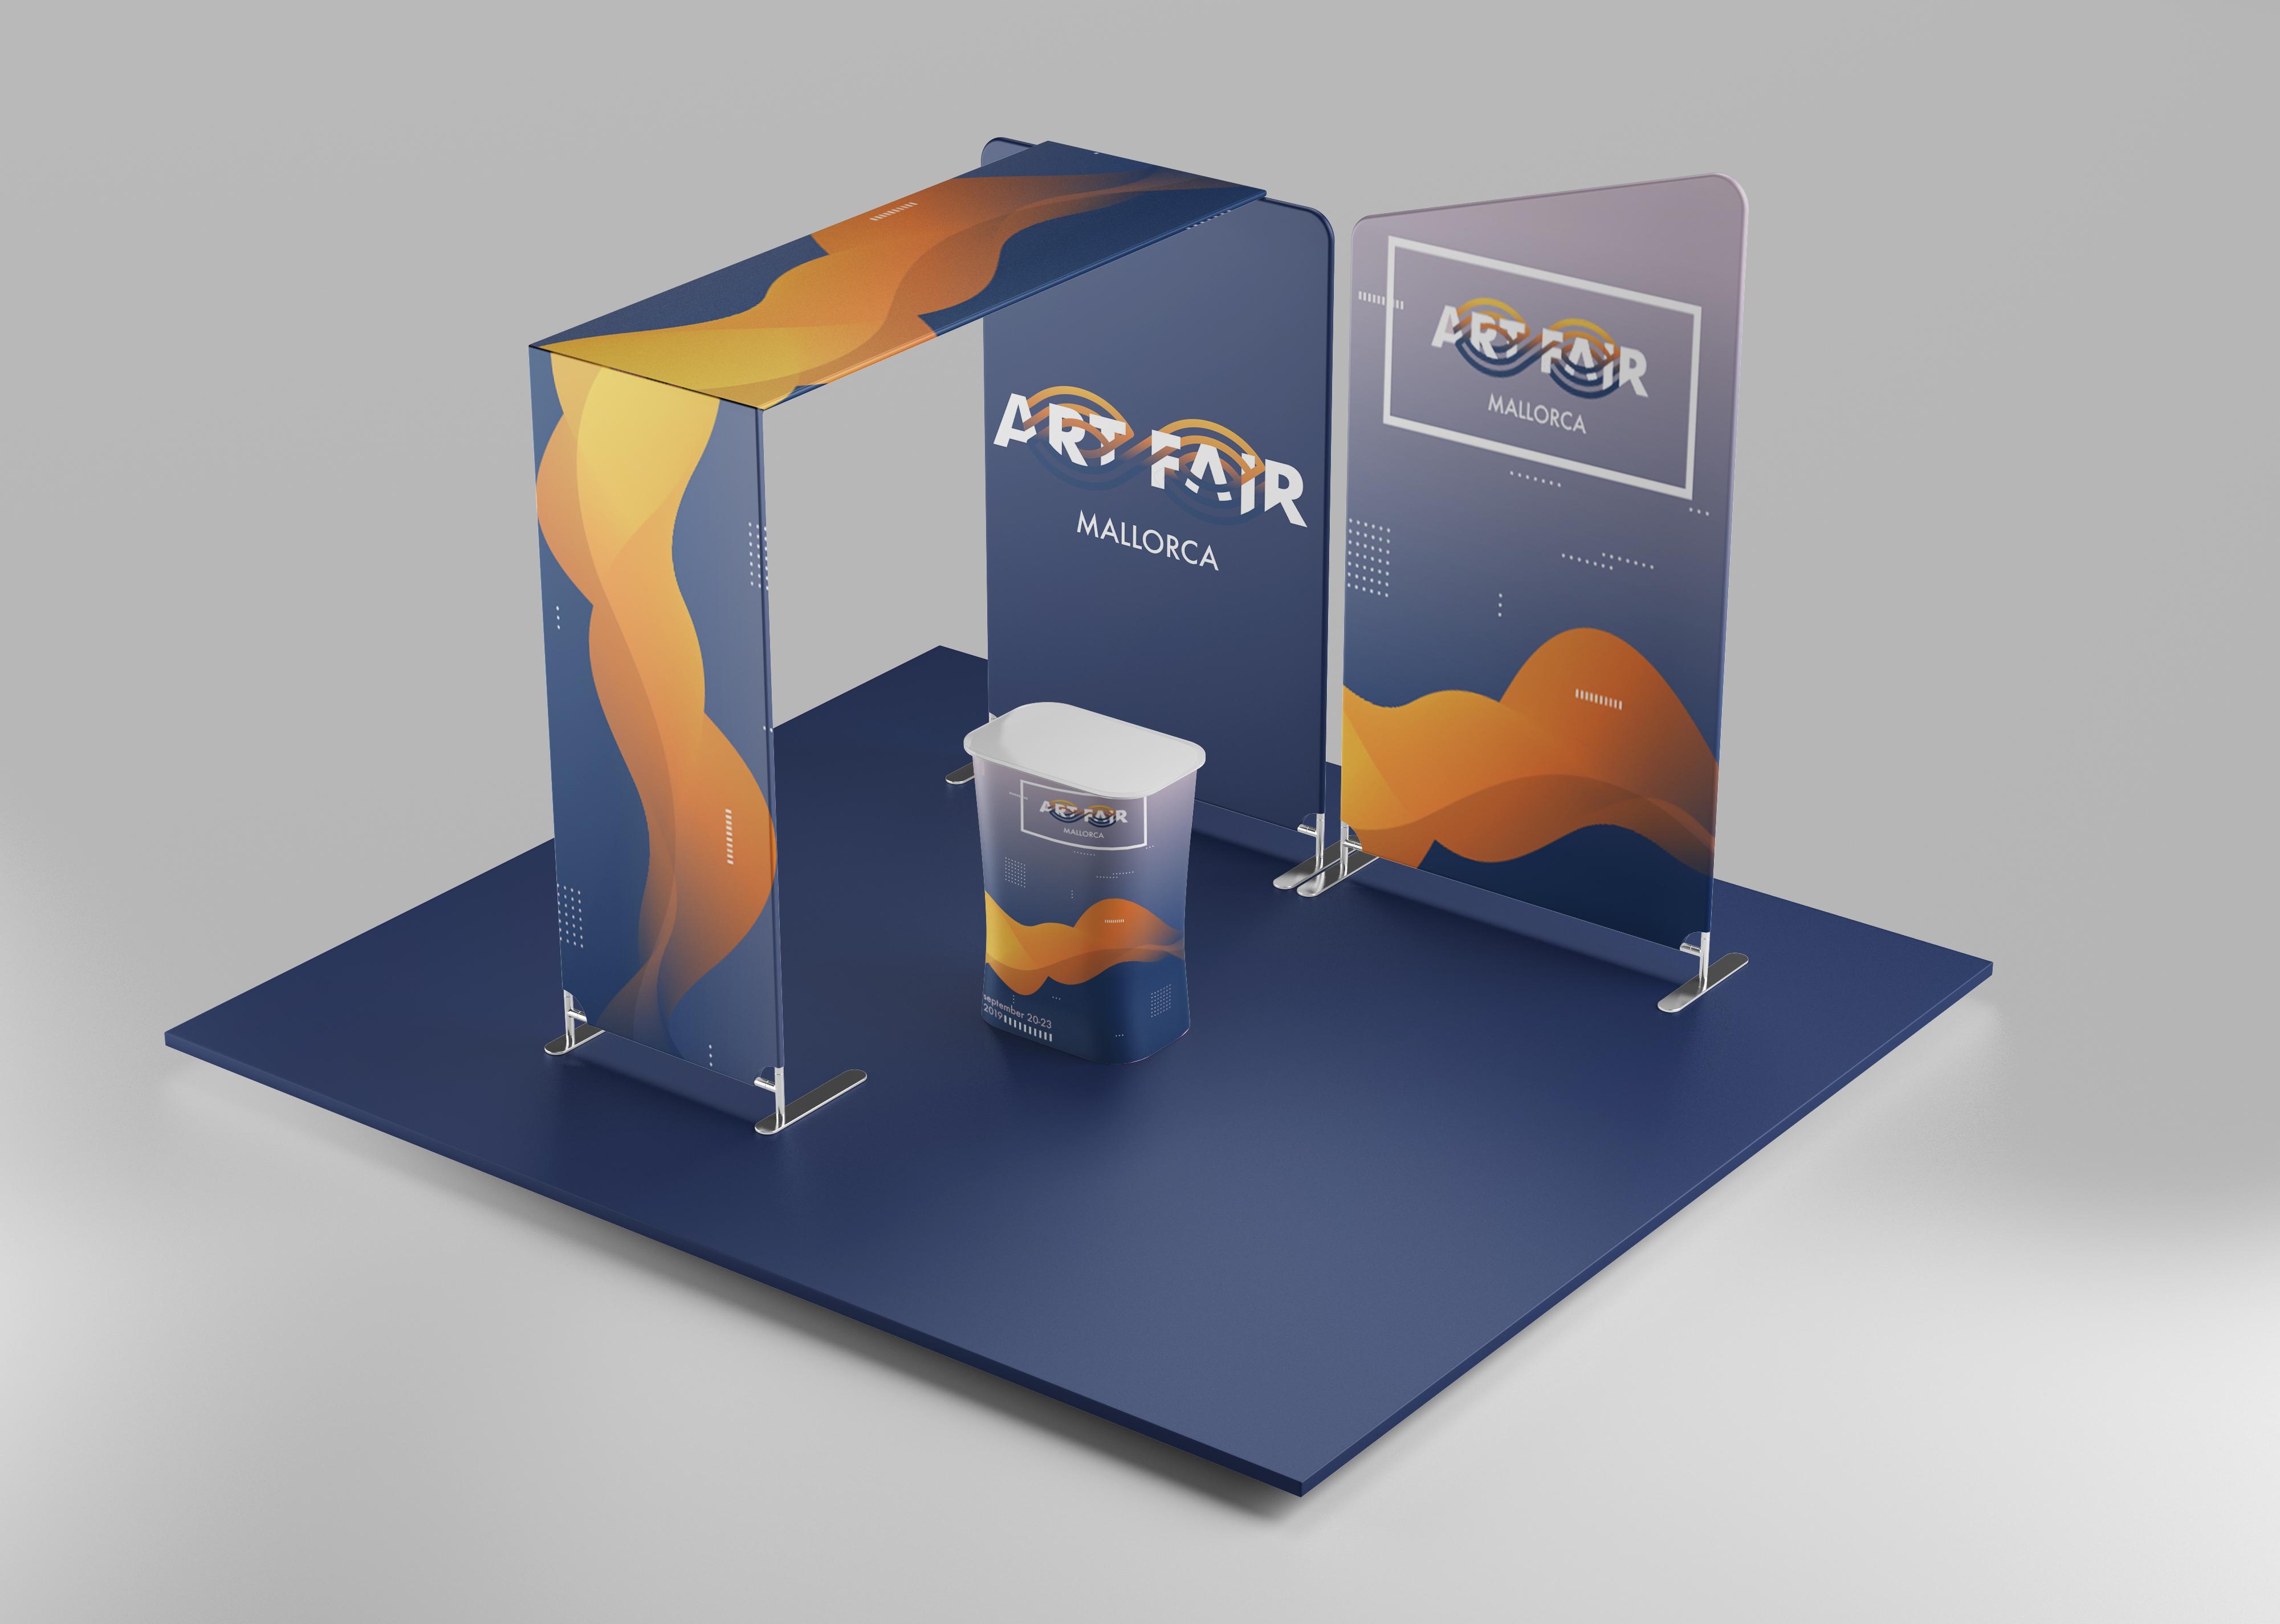 Art Fair Mallorca stand branding